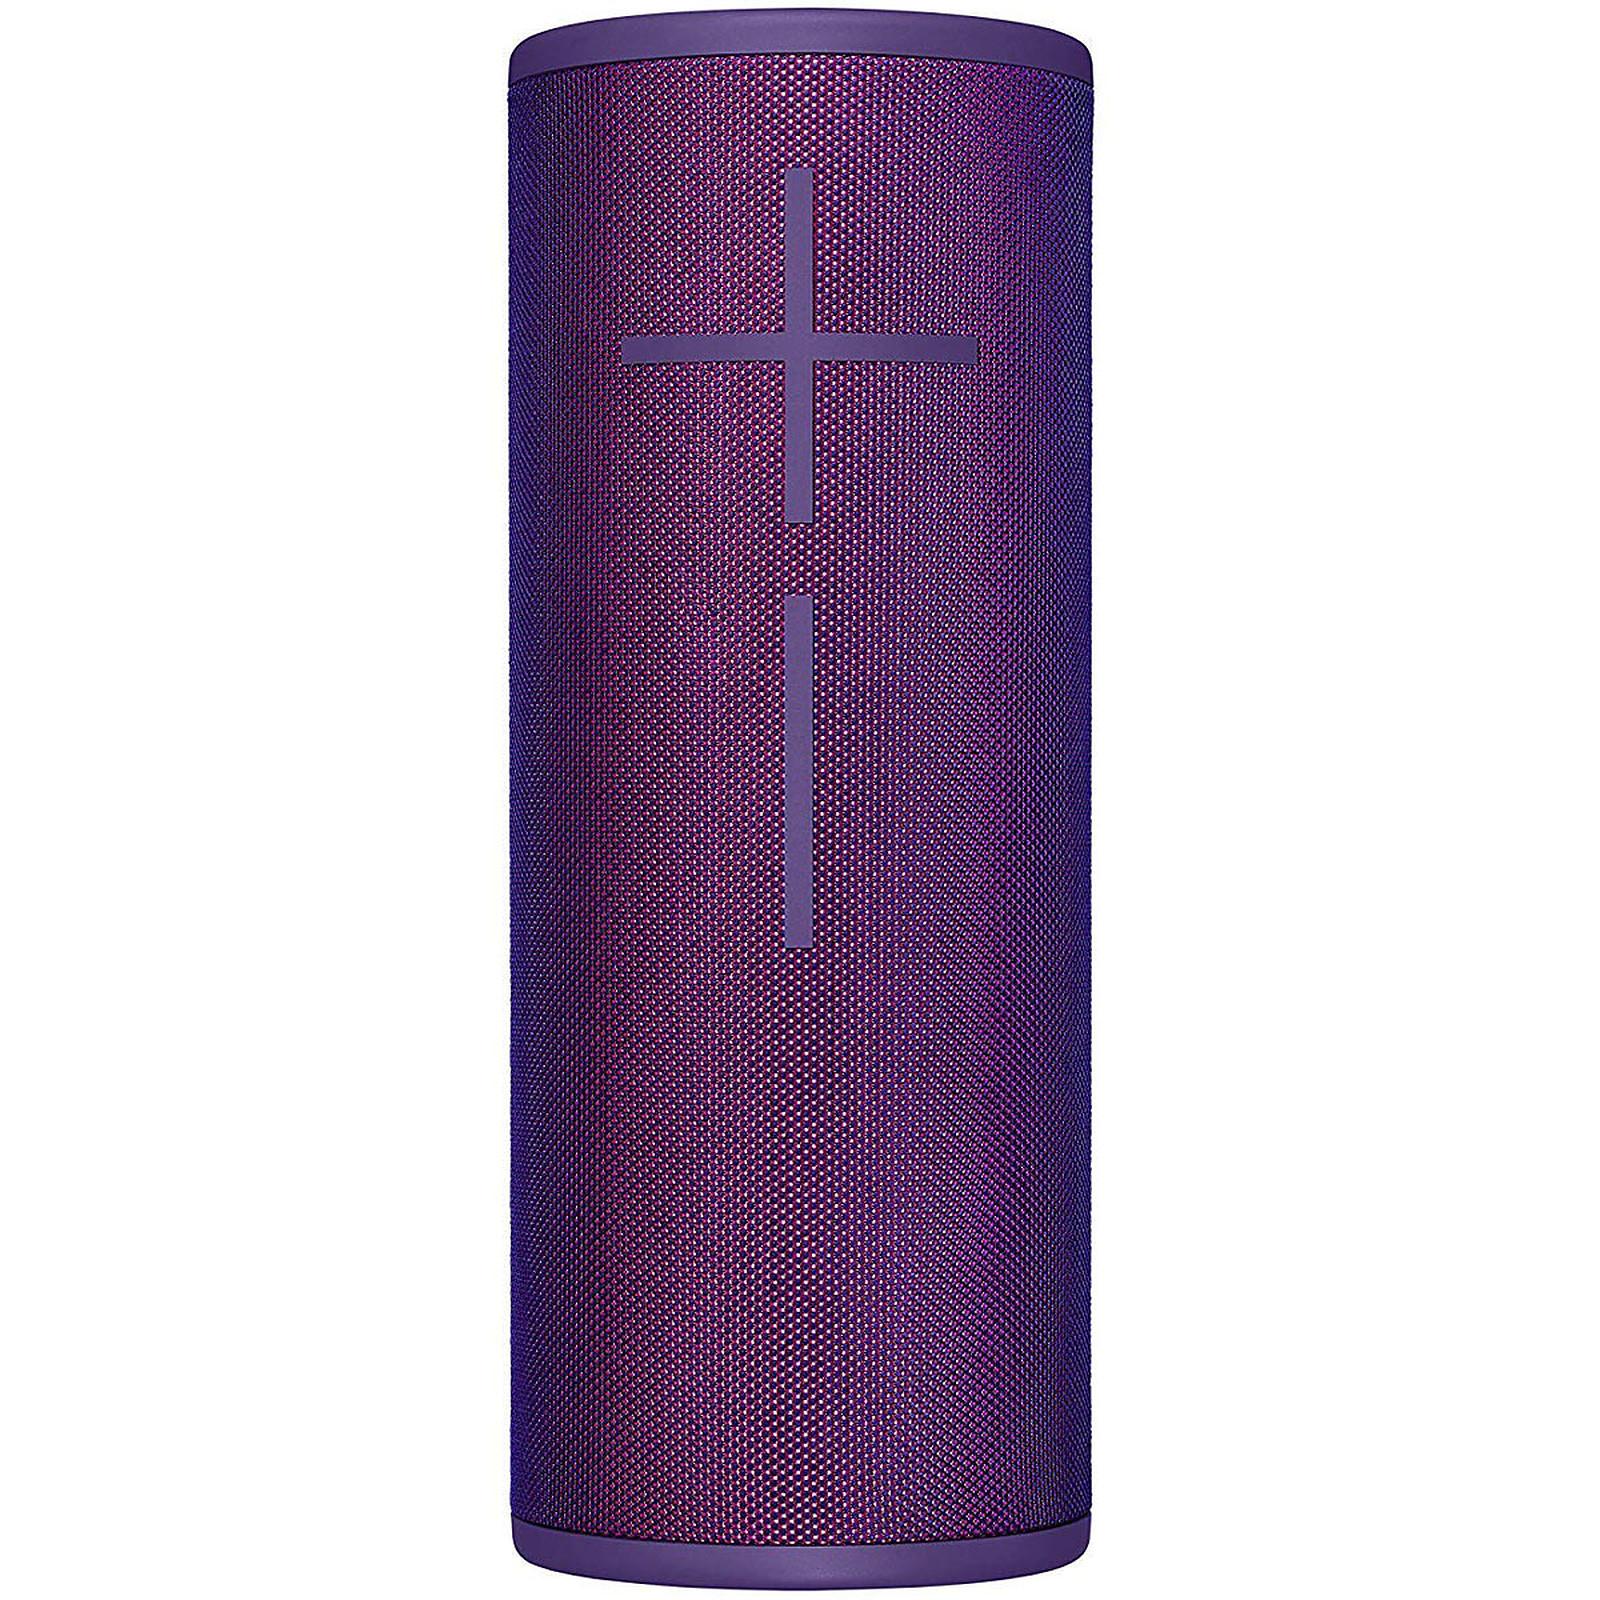 UE MegaBoom 3 Violet